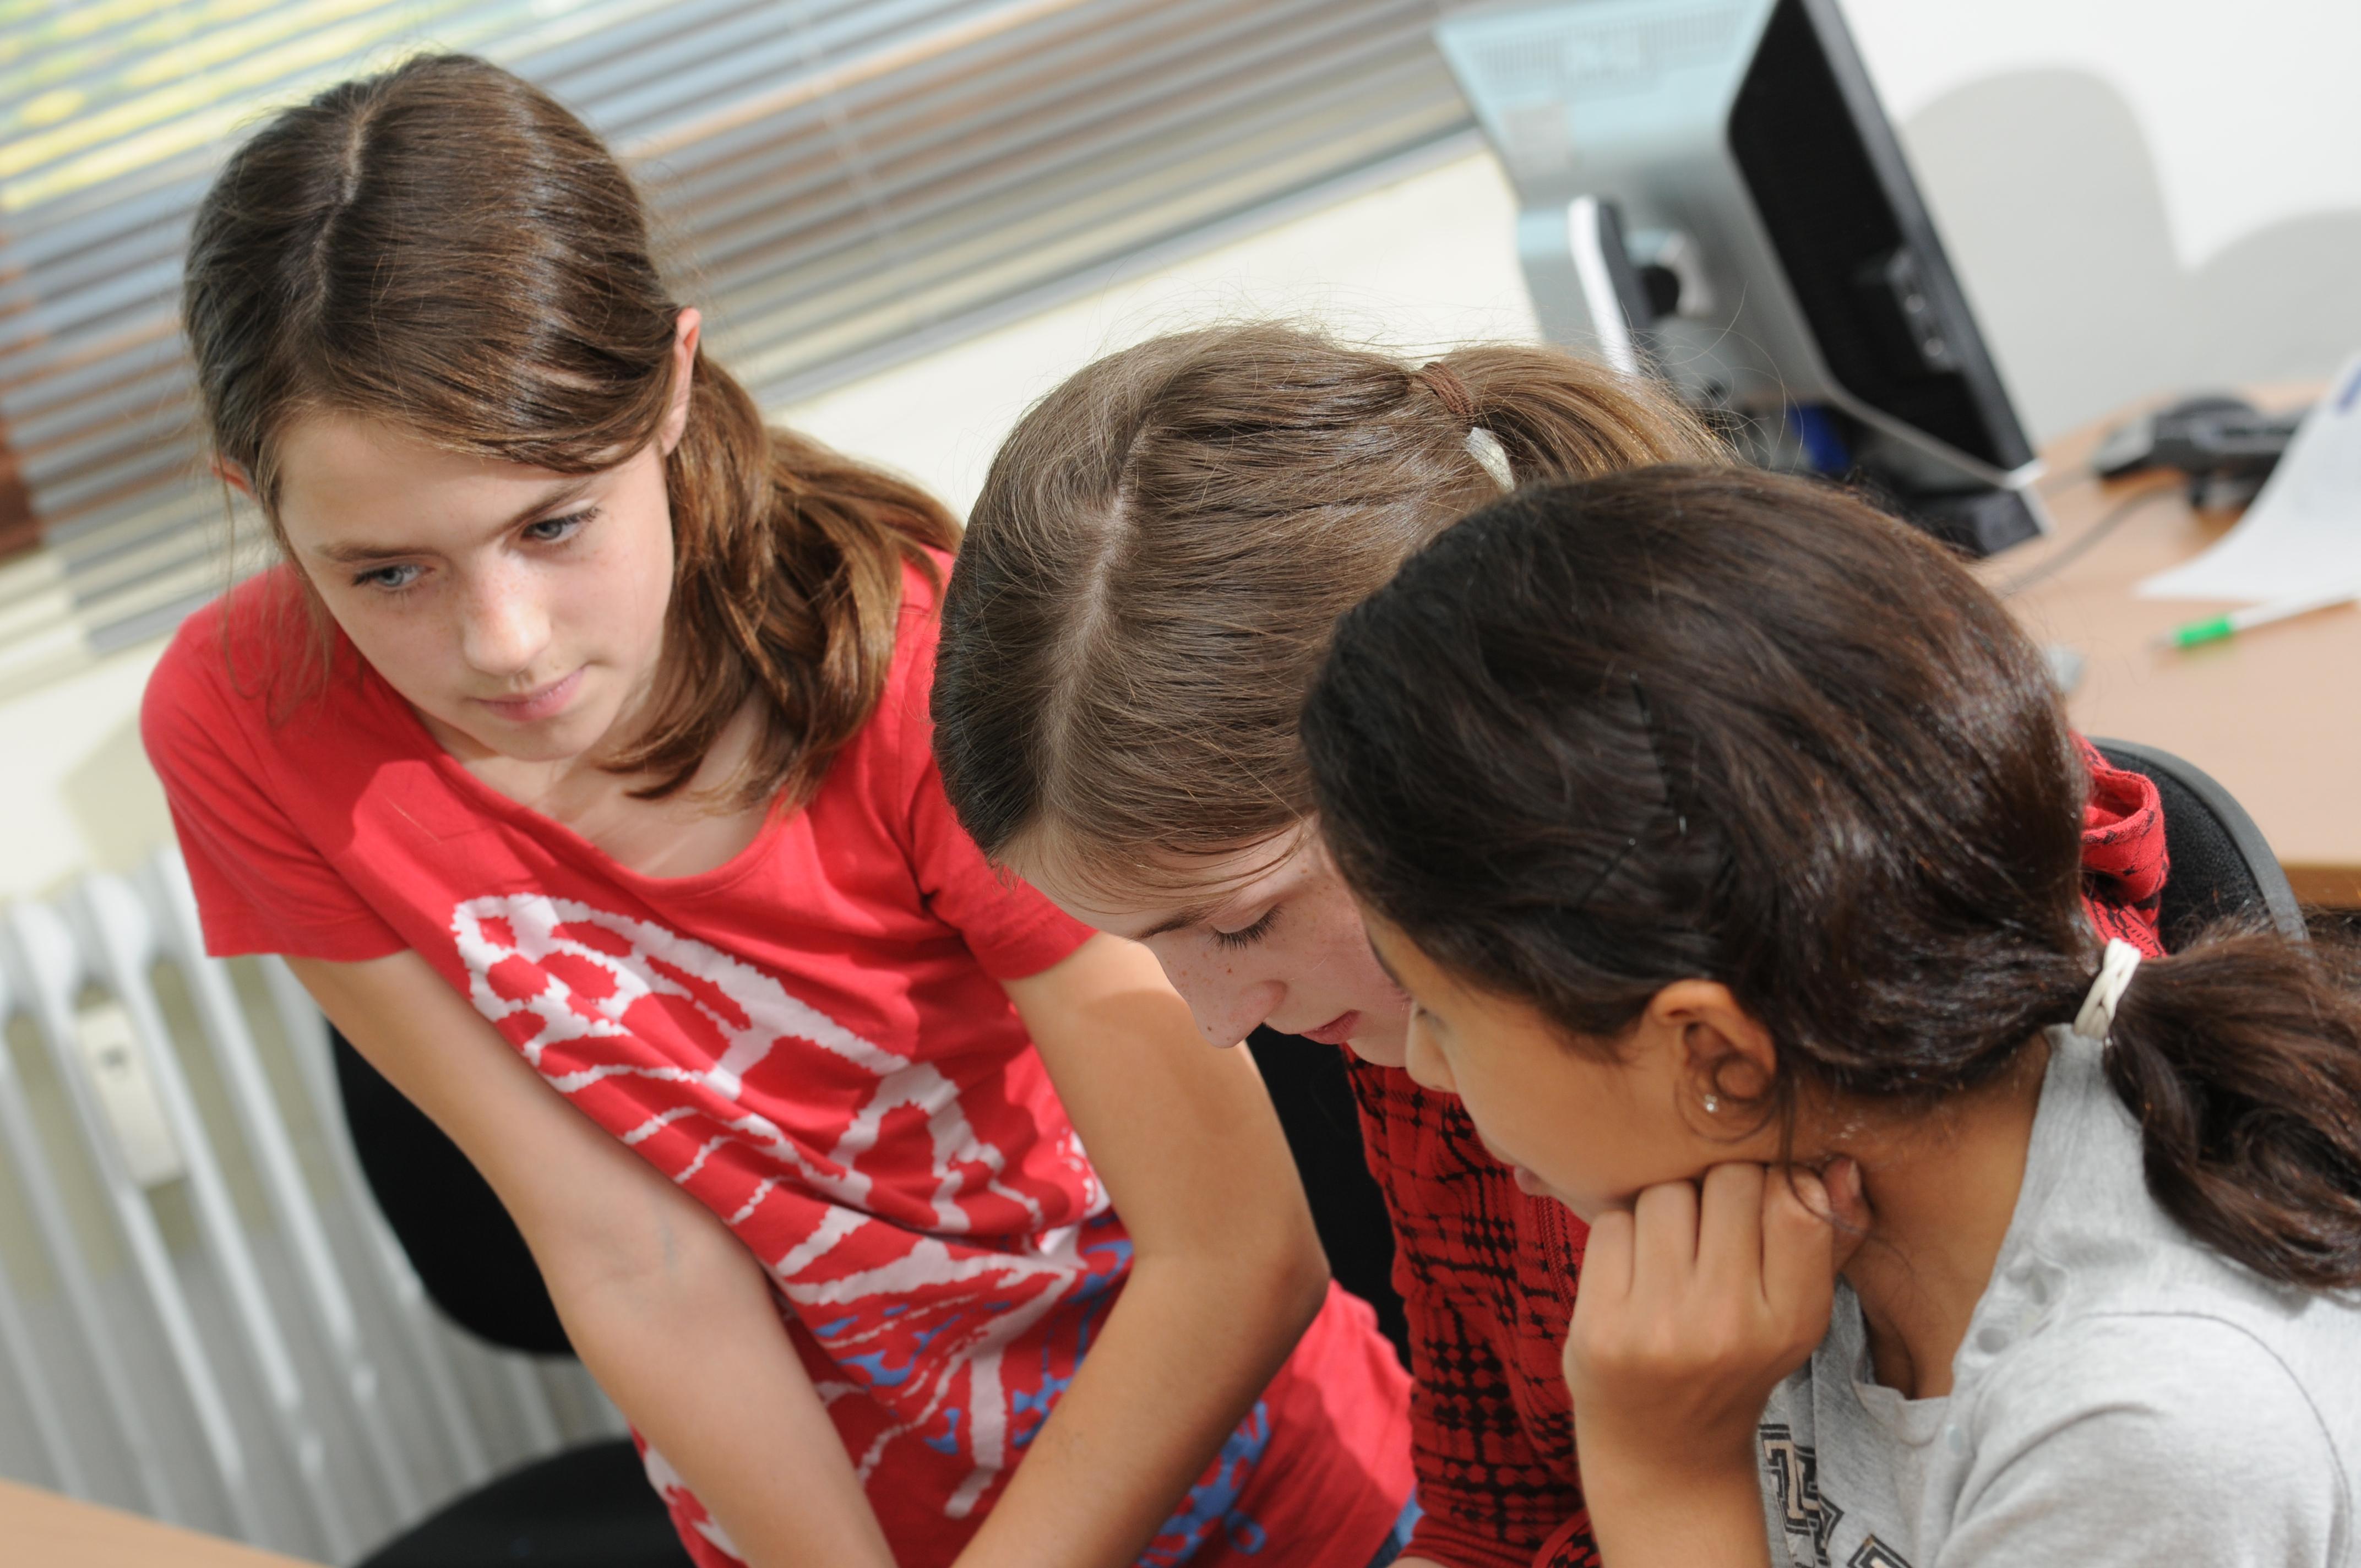 Drei Mädchen während eines Spiels